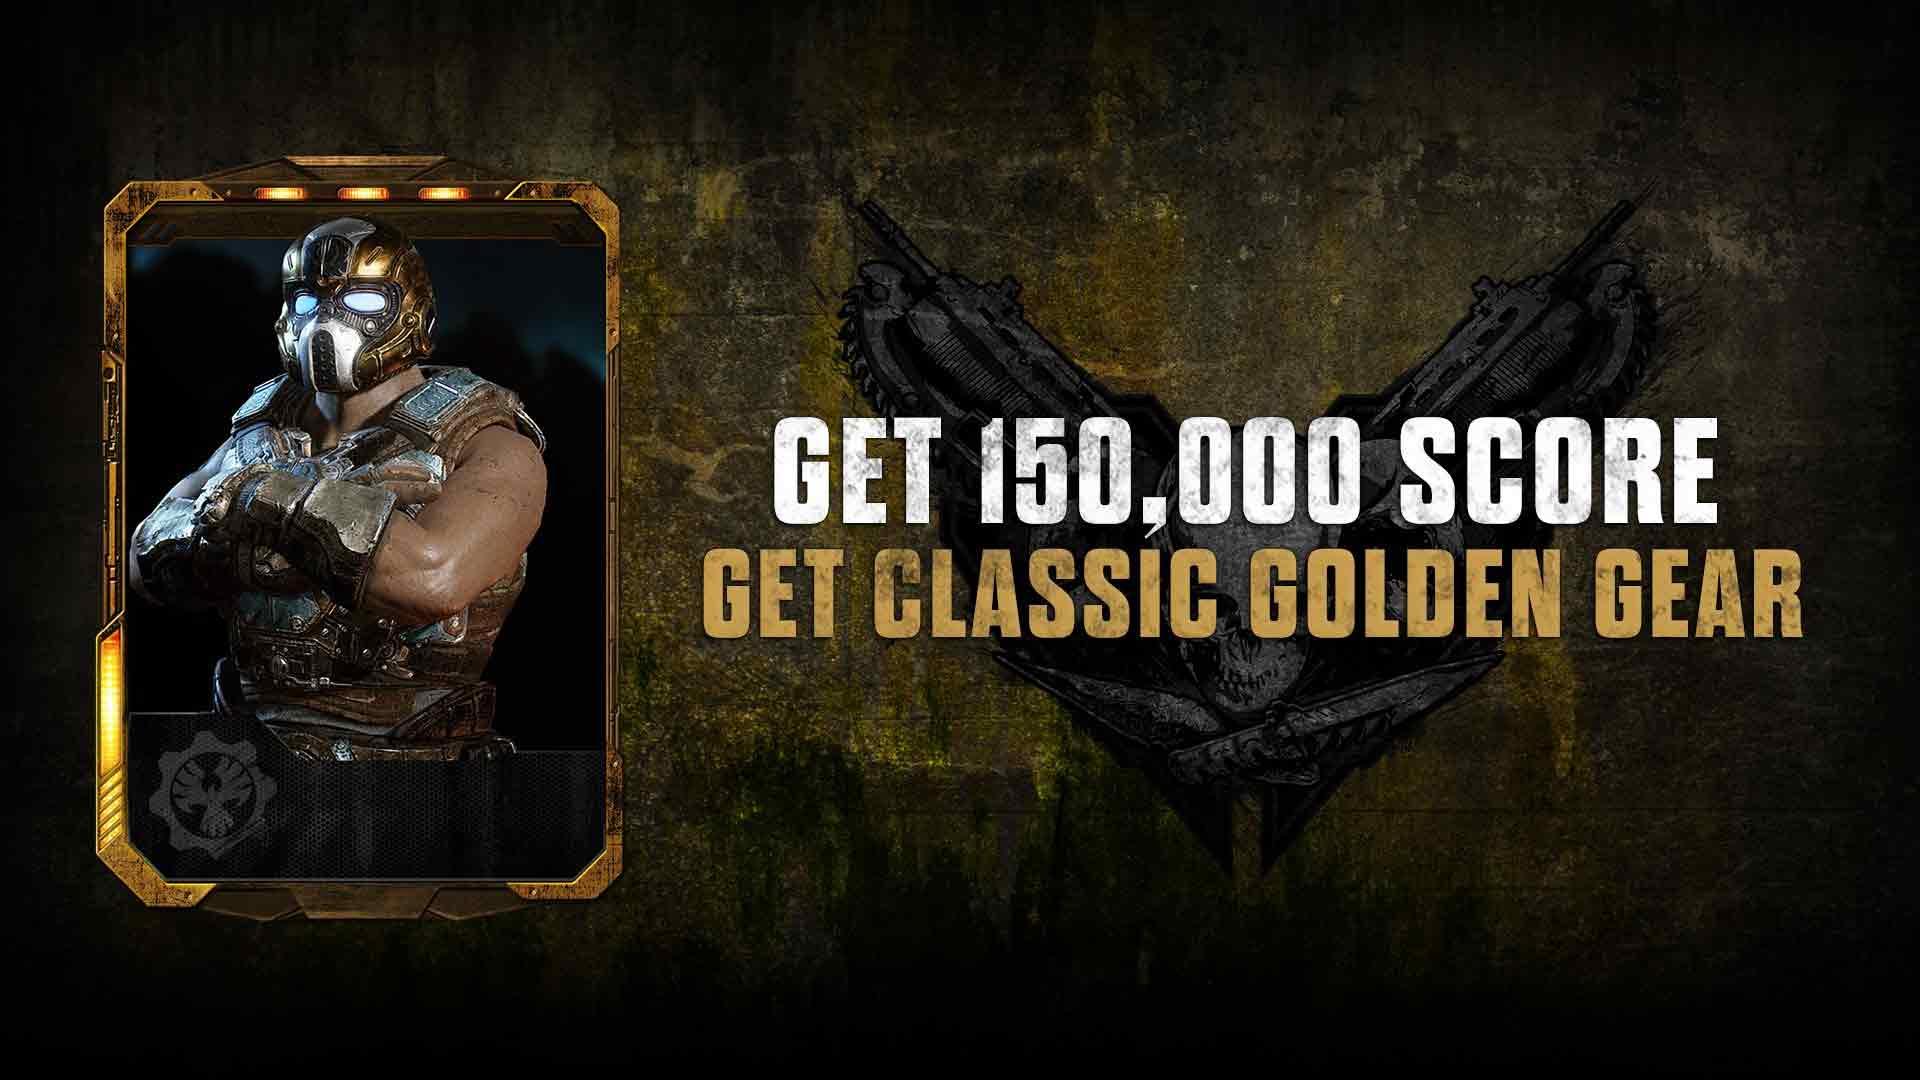 Gears of War 4 Classic Golden Gear Character